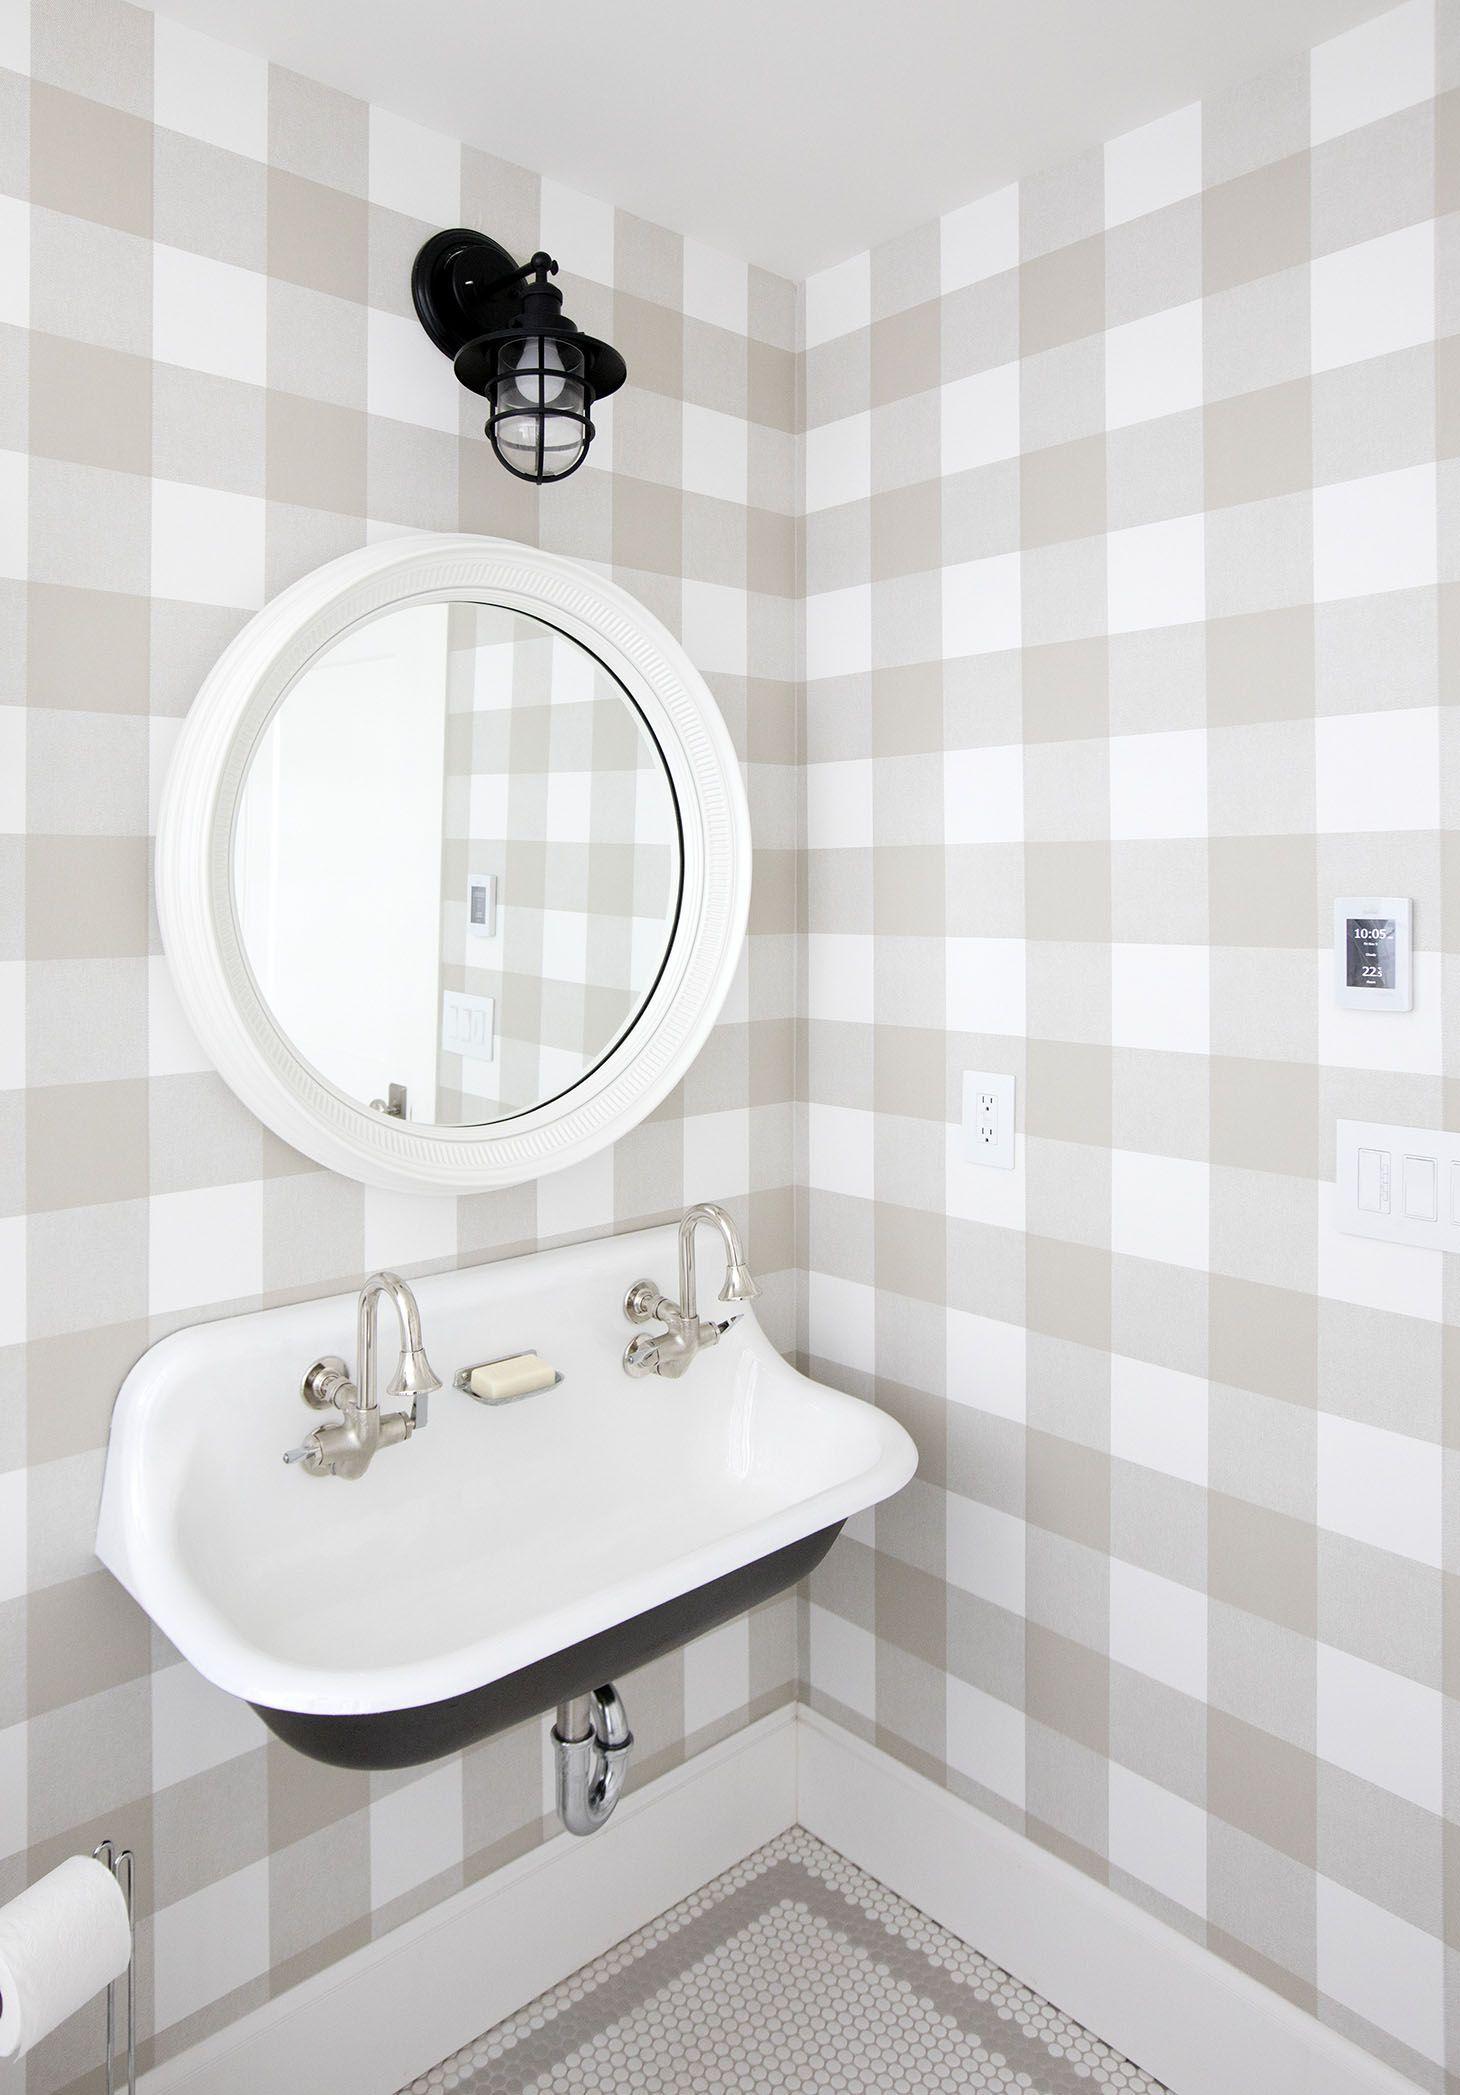 Home Tour Series Spare Bathroom Design Inspiration For